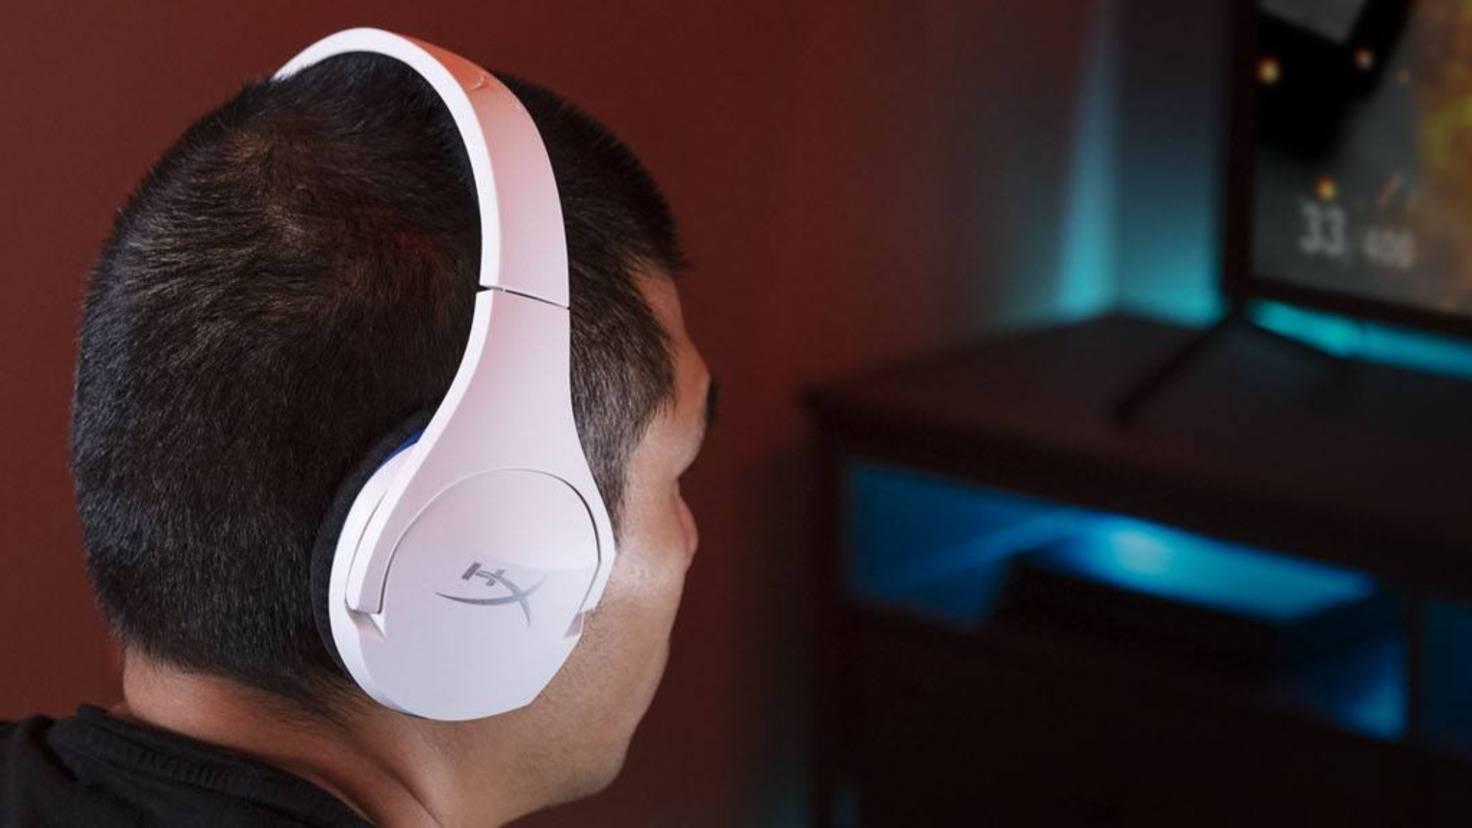 headset-cloud-stinger-core-wireless-ps4-lifestyle-ausschnitt